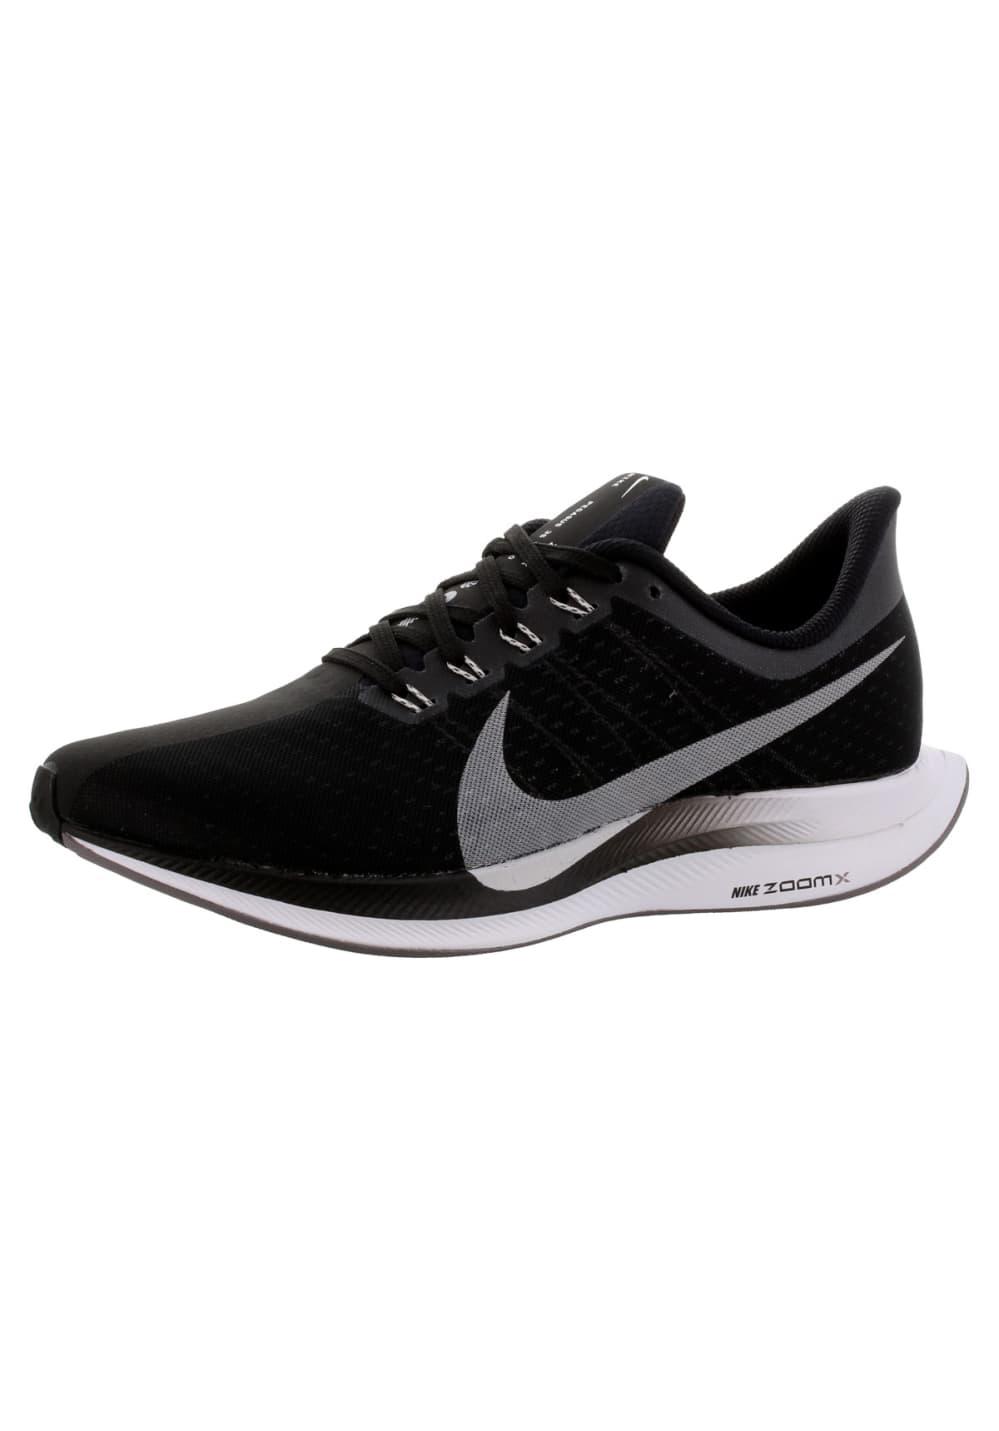 super popular 14963 e21ea Nike Zoom Pegasus Turbo - Running shoes for Men - Black